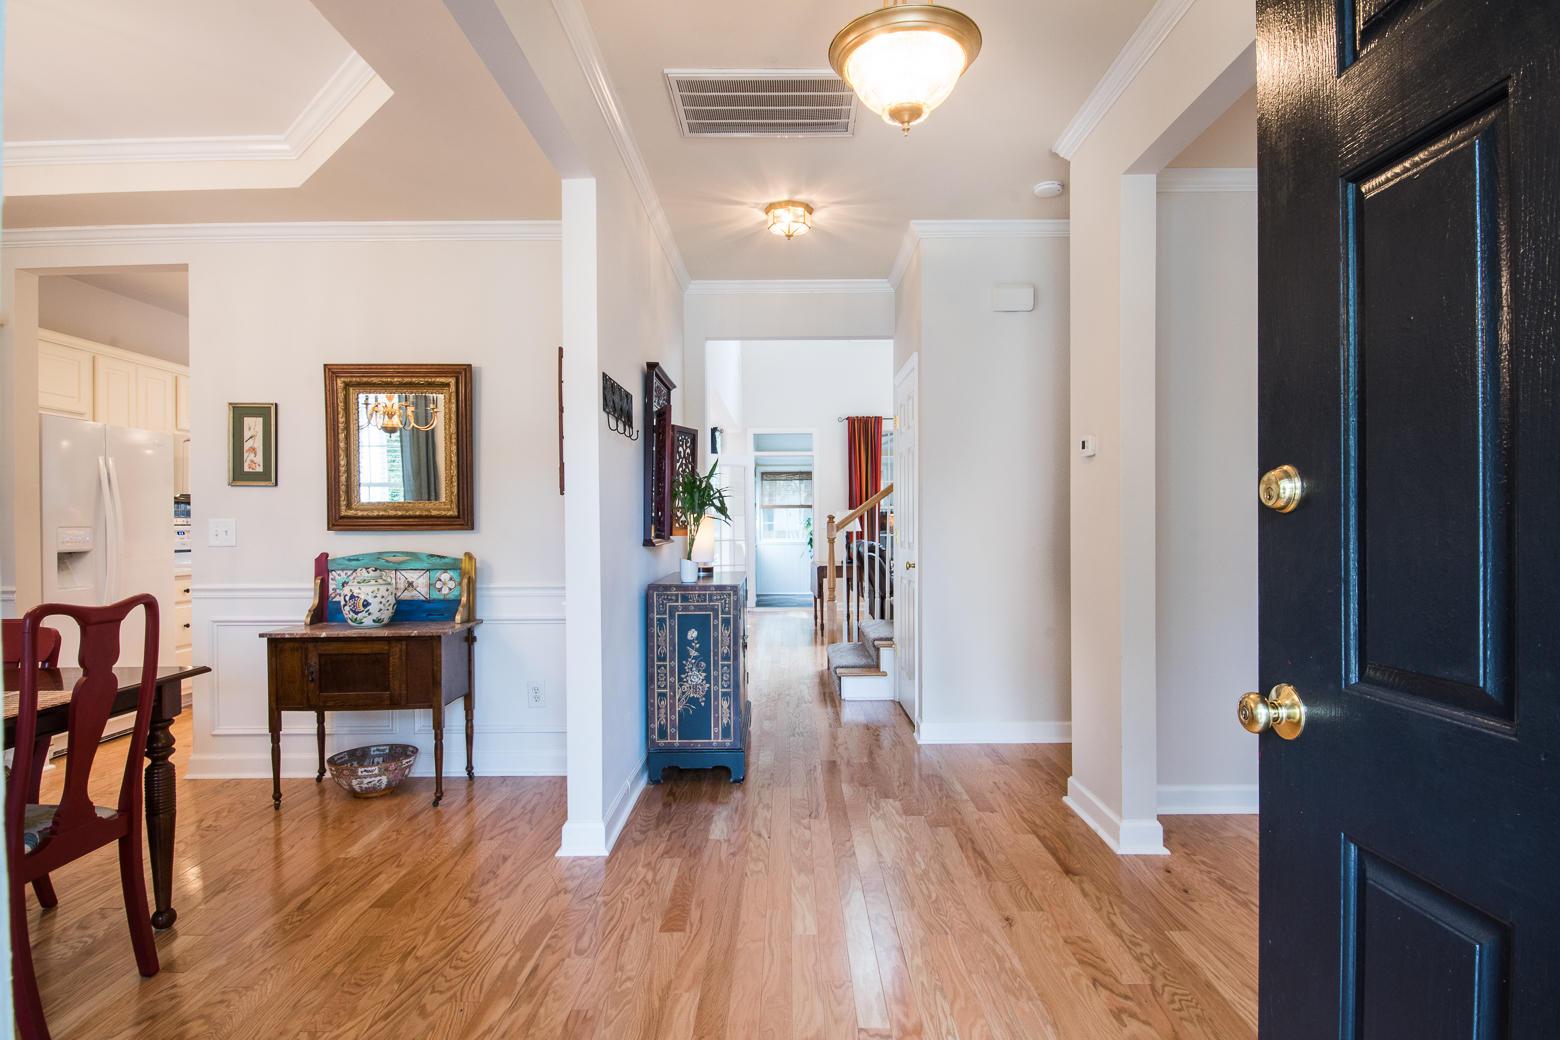 Dunes West Homes For Sale - 1111 Black Rush, Mount Pleasant, SC - 20